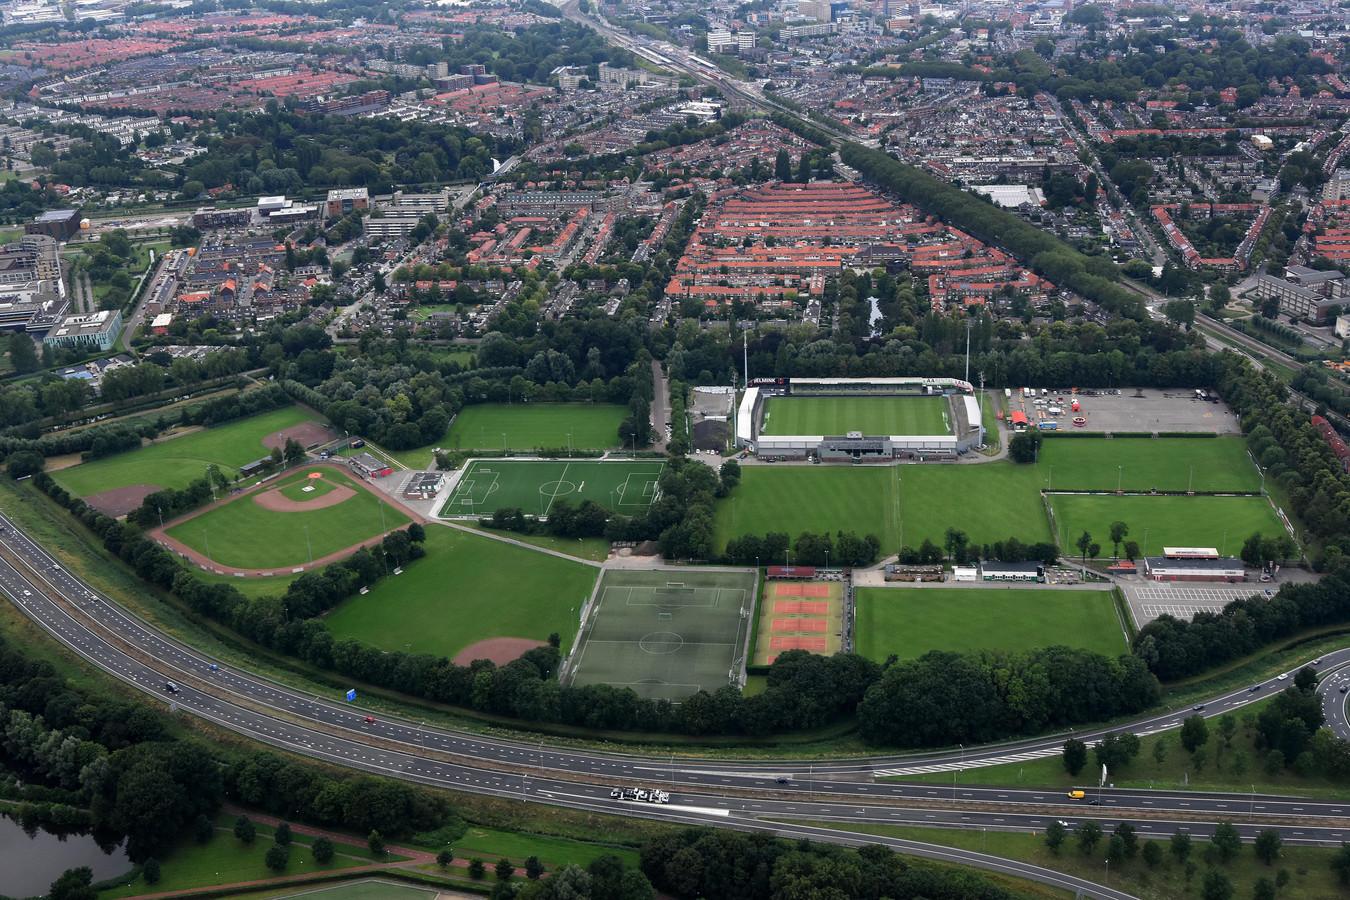 Voor het opknappen van sportpark Krommedijk (met onder meer het stadion van FC Dordrecht) is een gemeentelijke garantstelling van 17 miljoen euro nodig. Die komt er niet.